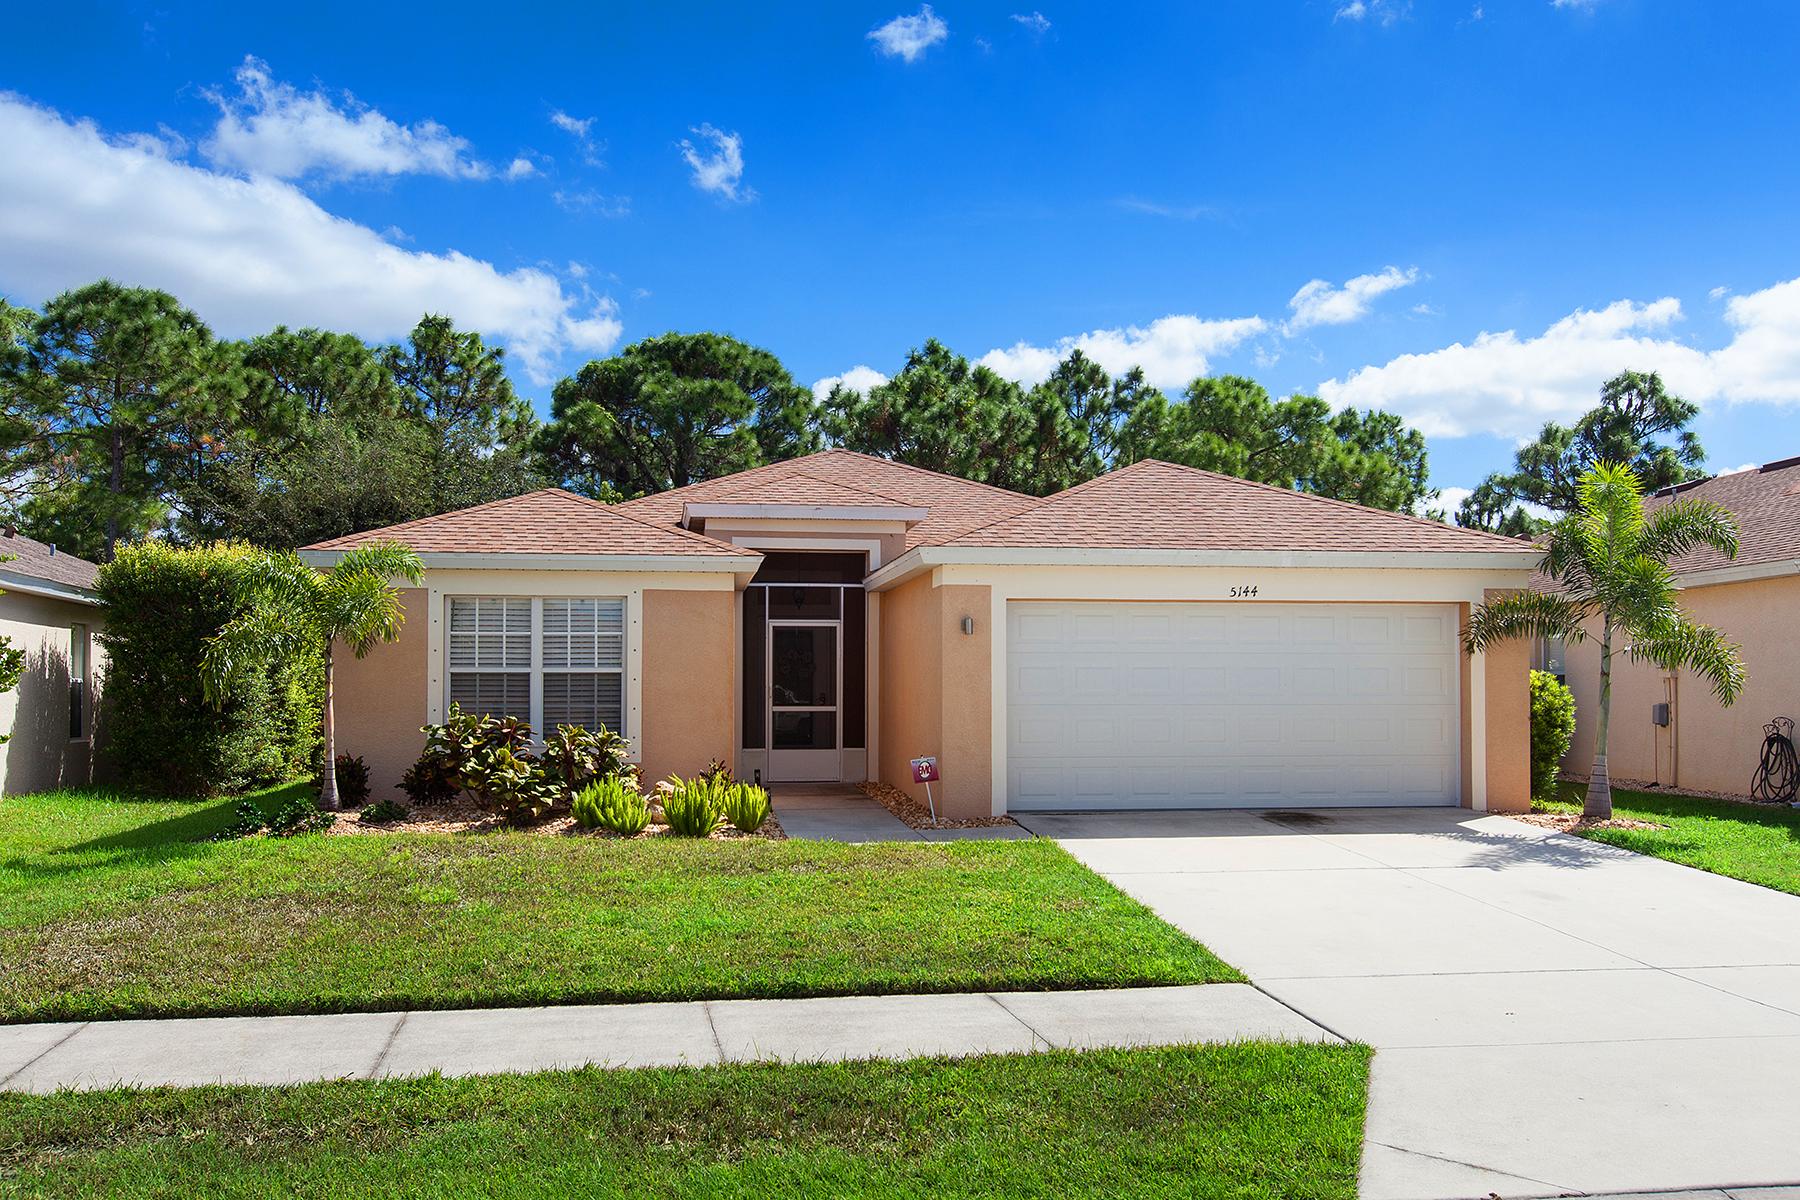 Частный односемейный дом для того Продажа на VENTURA VILLAGE 5144 Layton Dr Venice, Флорида, 34293 Соединенные Штаты